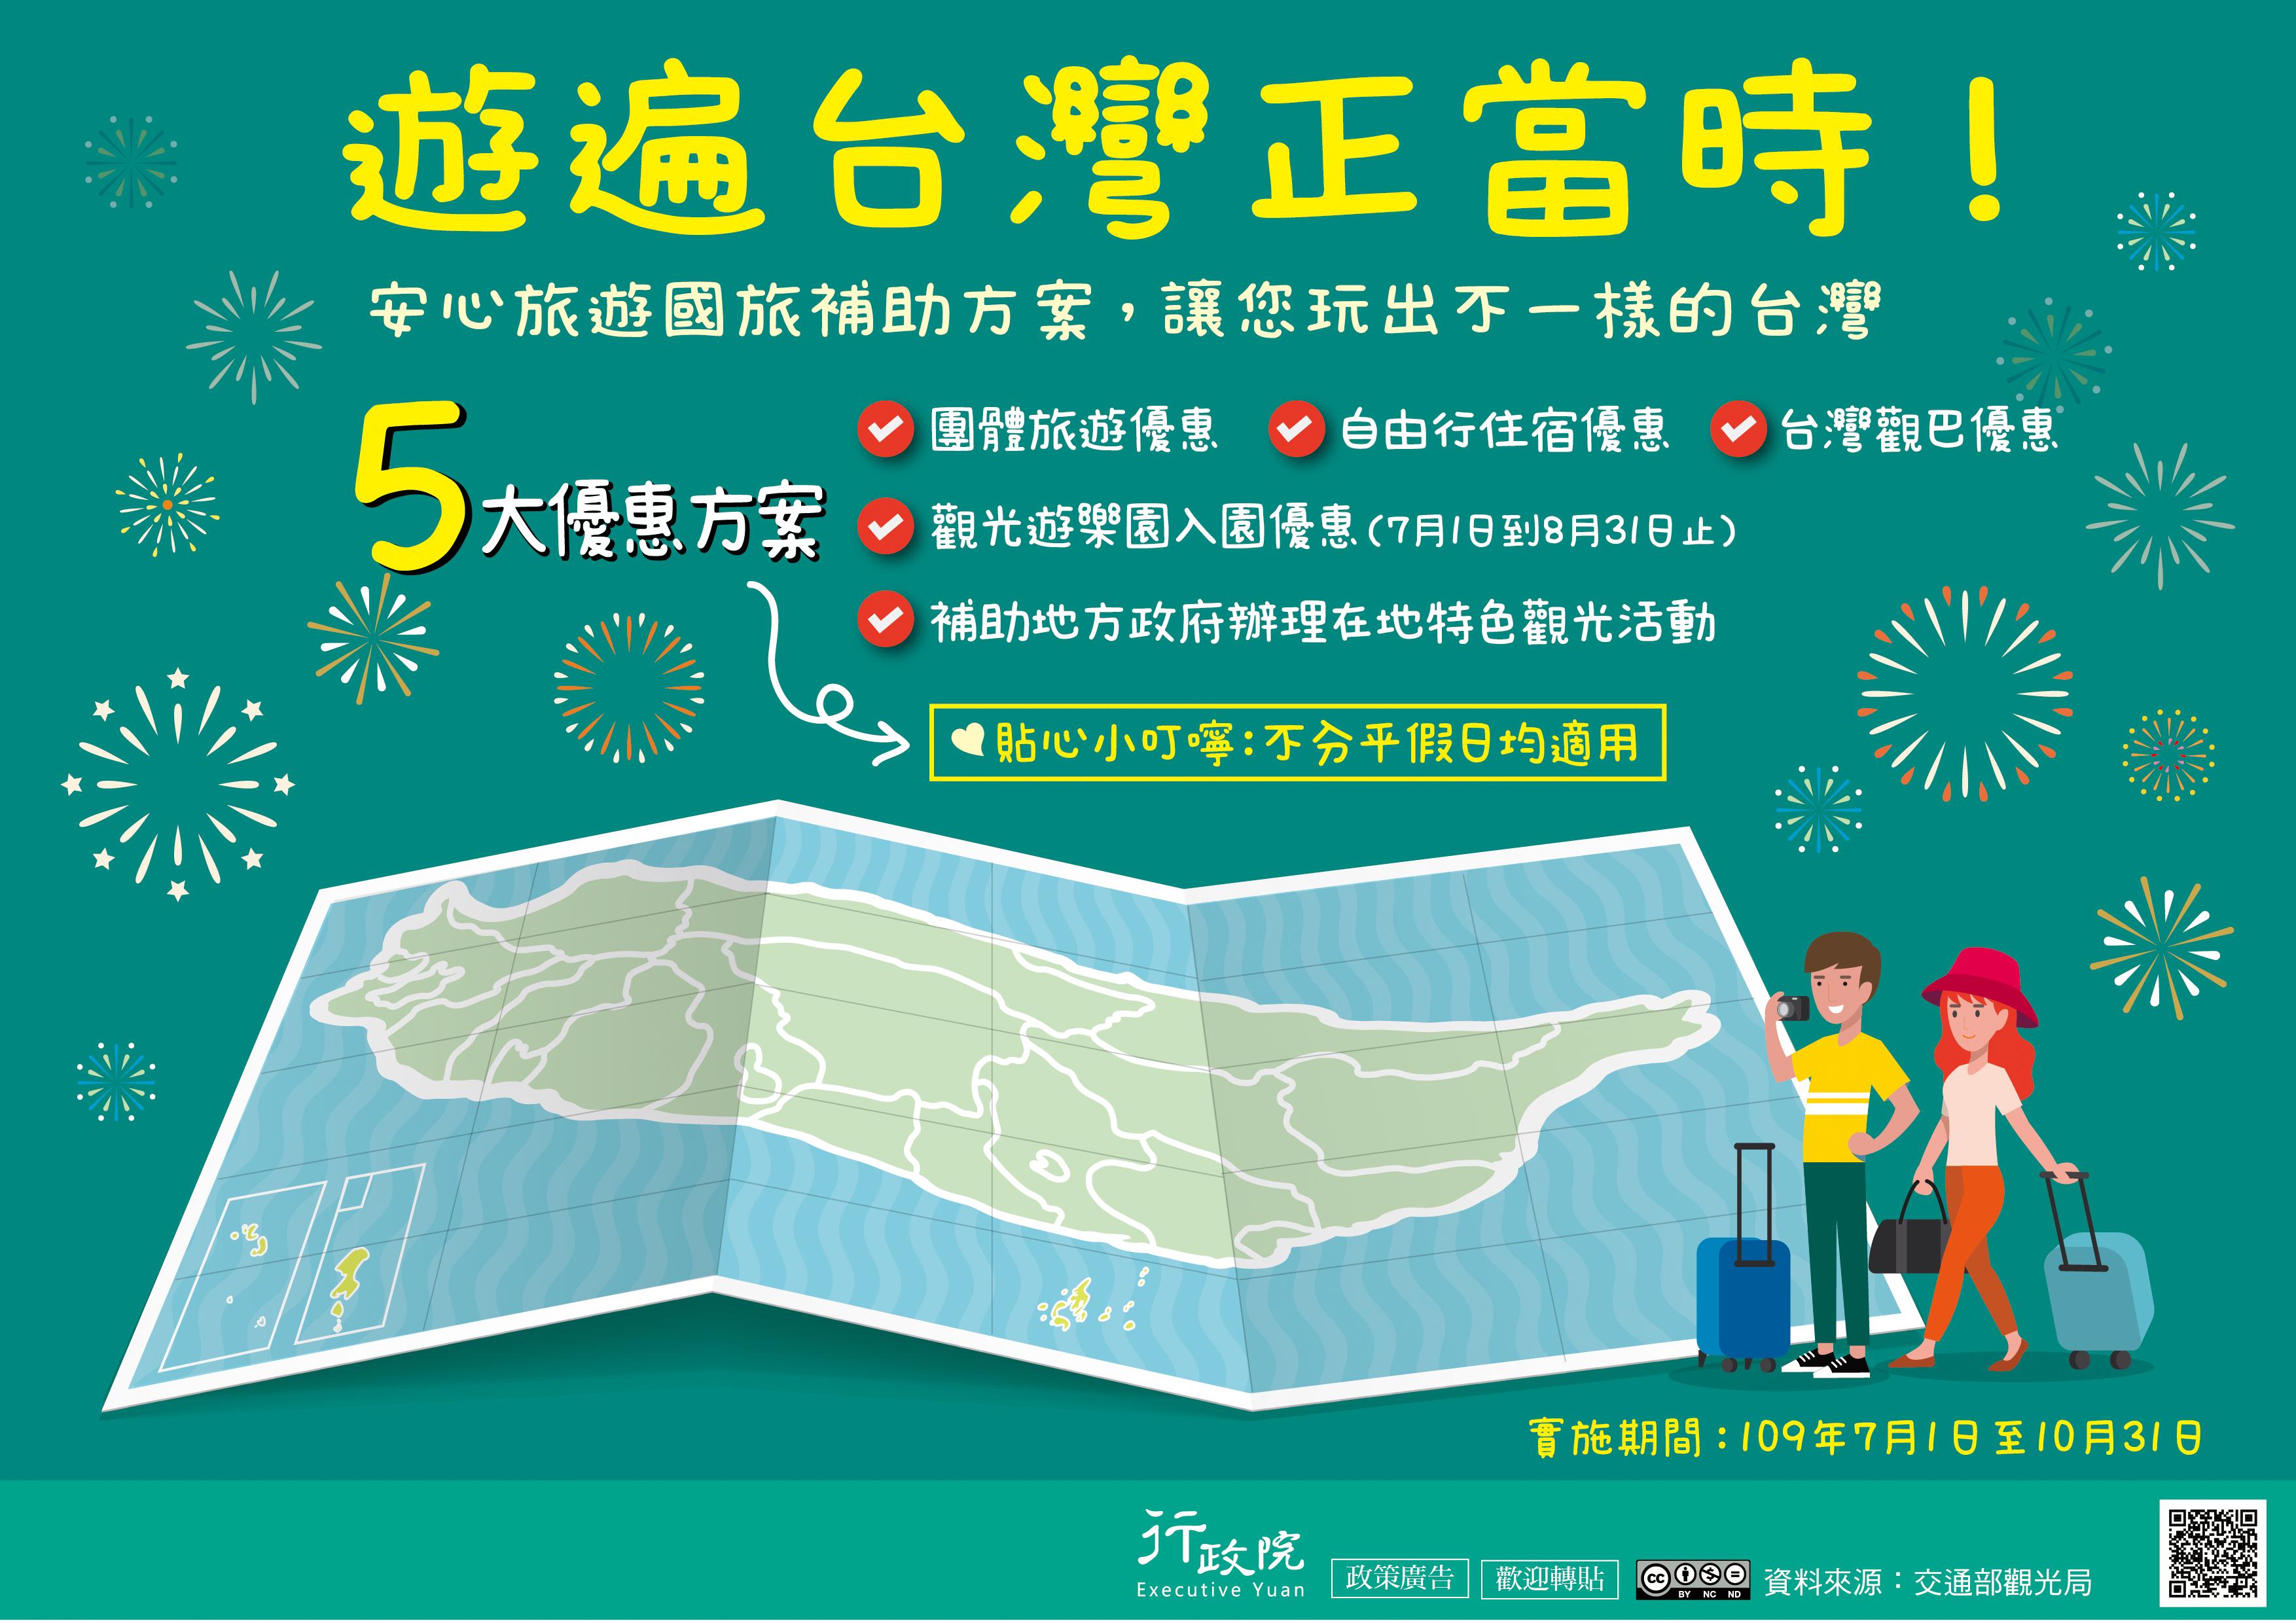 安心旅遊國旅補助方案宣傳海報